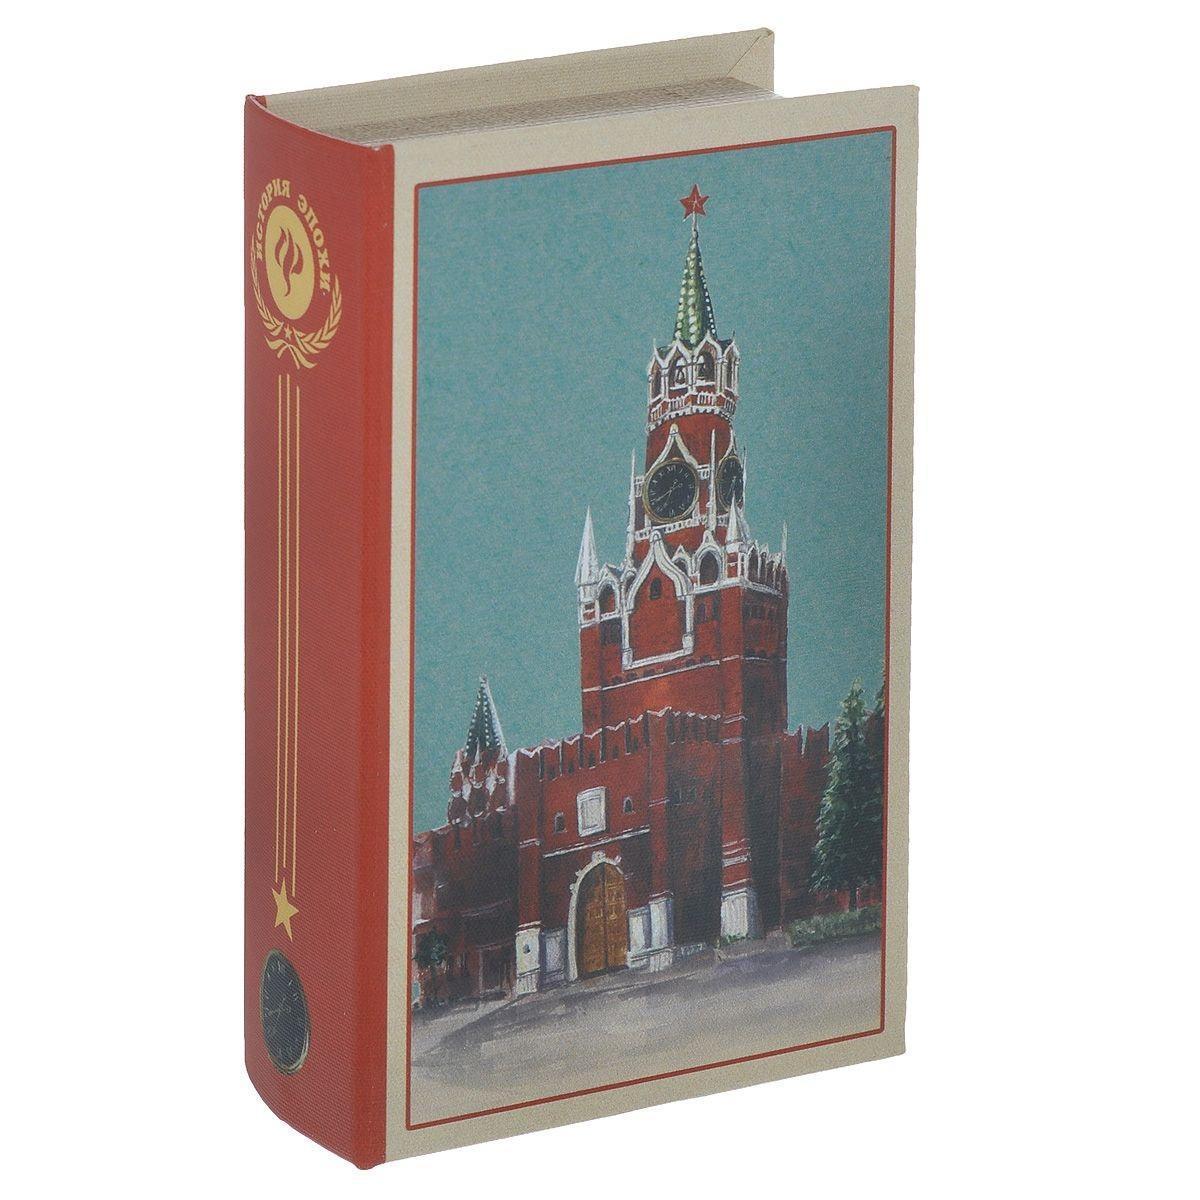 Шкатулка декоративная Кремль, 17 х 11 х 5 см37330Яркая декоративная шкатулка Кремль, выполненная из МДФ, не оставит равнодушным ни одного любителя оригинальных вещей. Шкатулка украшена изображением Кремля. Изделие закрывается на магнит.Такая шкатулка украсит интерьер вашей комнаты и станет не только декоративным, но и практичным аксессуаром - ее можно использовать для хранения украшений и мелочей. Шкатулка послужит хорошим подарком для человека, ценящего практичные и оригинальные вещицы.